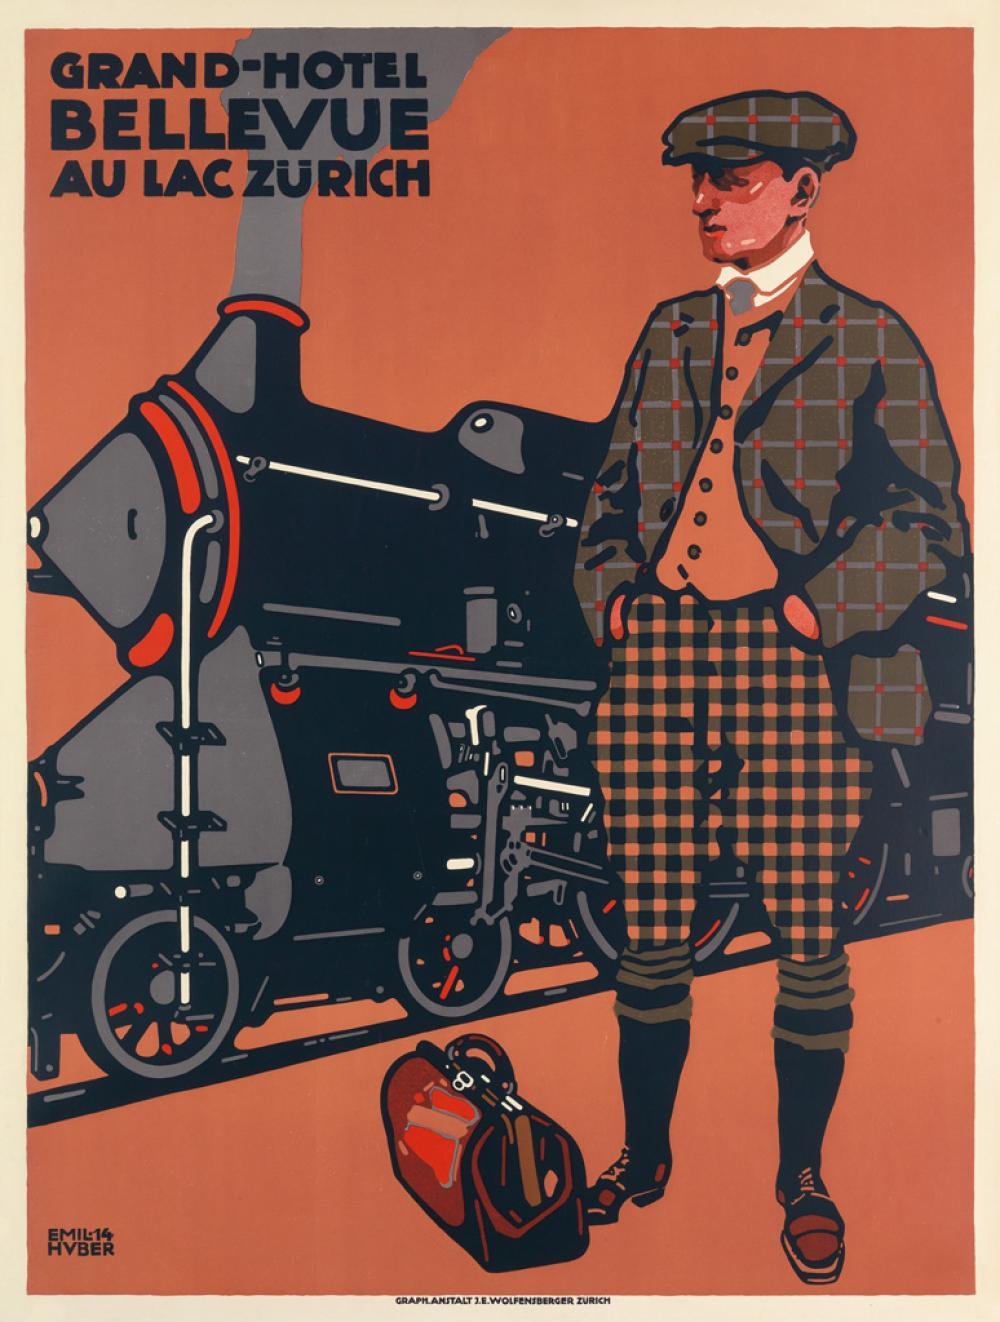 EMIL HUBER (1884-1943). GRAND - HOTEL BELLEVUE AU LAC ZÜRICH. 1914. 51x38 inches, 129x98 cm. J.E. Wolfensburger, Zurich.